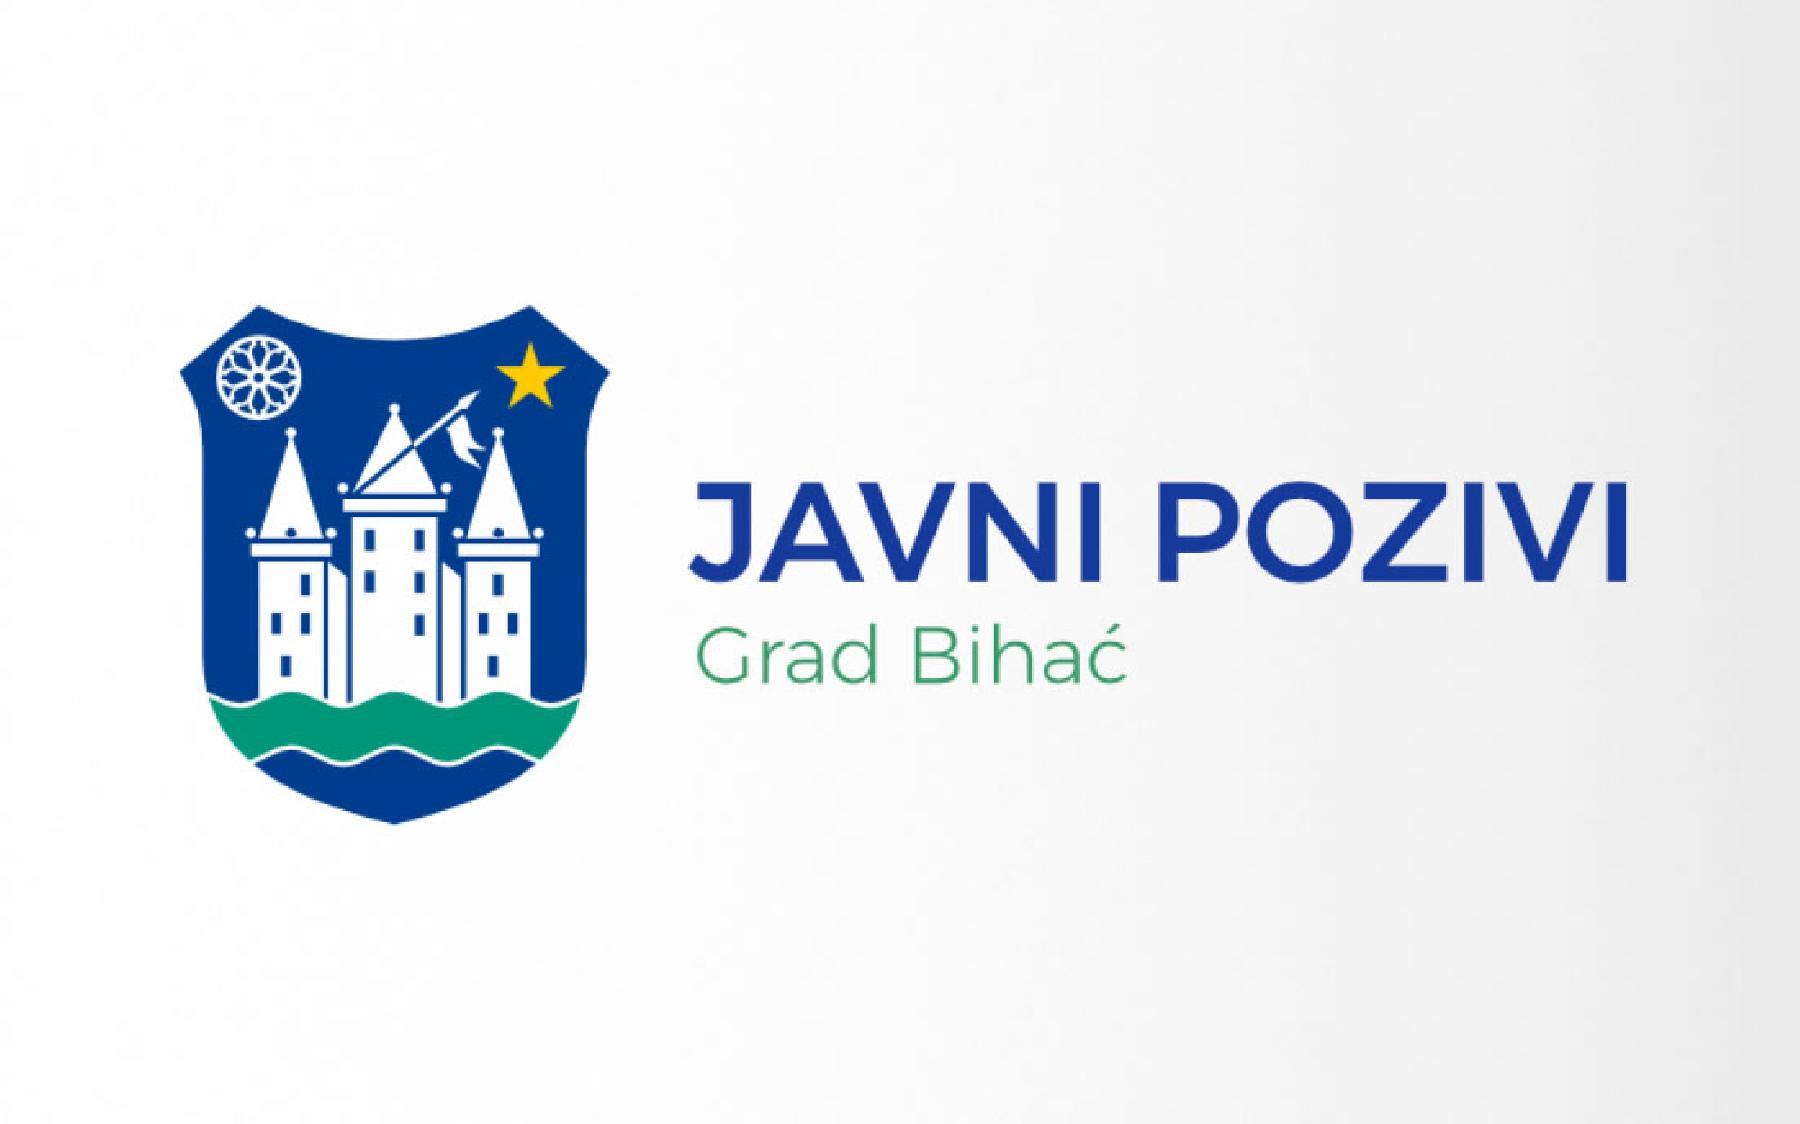 Gradska izborna komisija grada Bihaća - poziv svim biračima da izvrše prijavu promjene adrese stanovanja